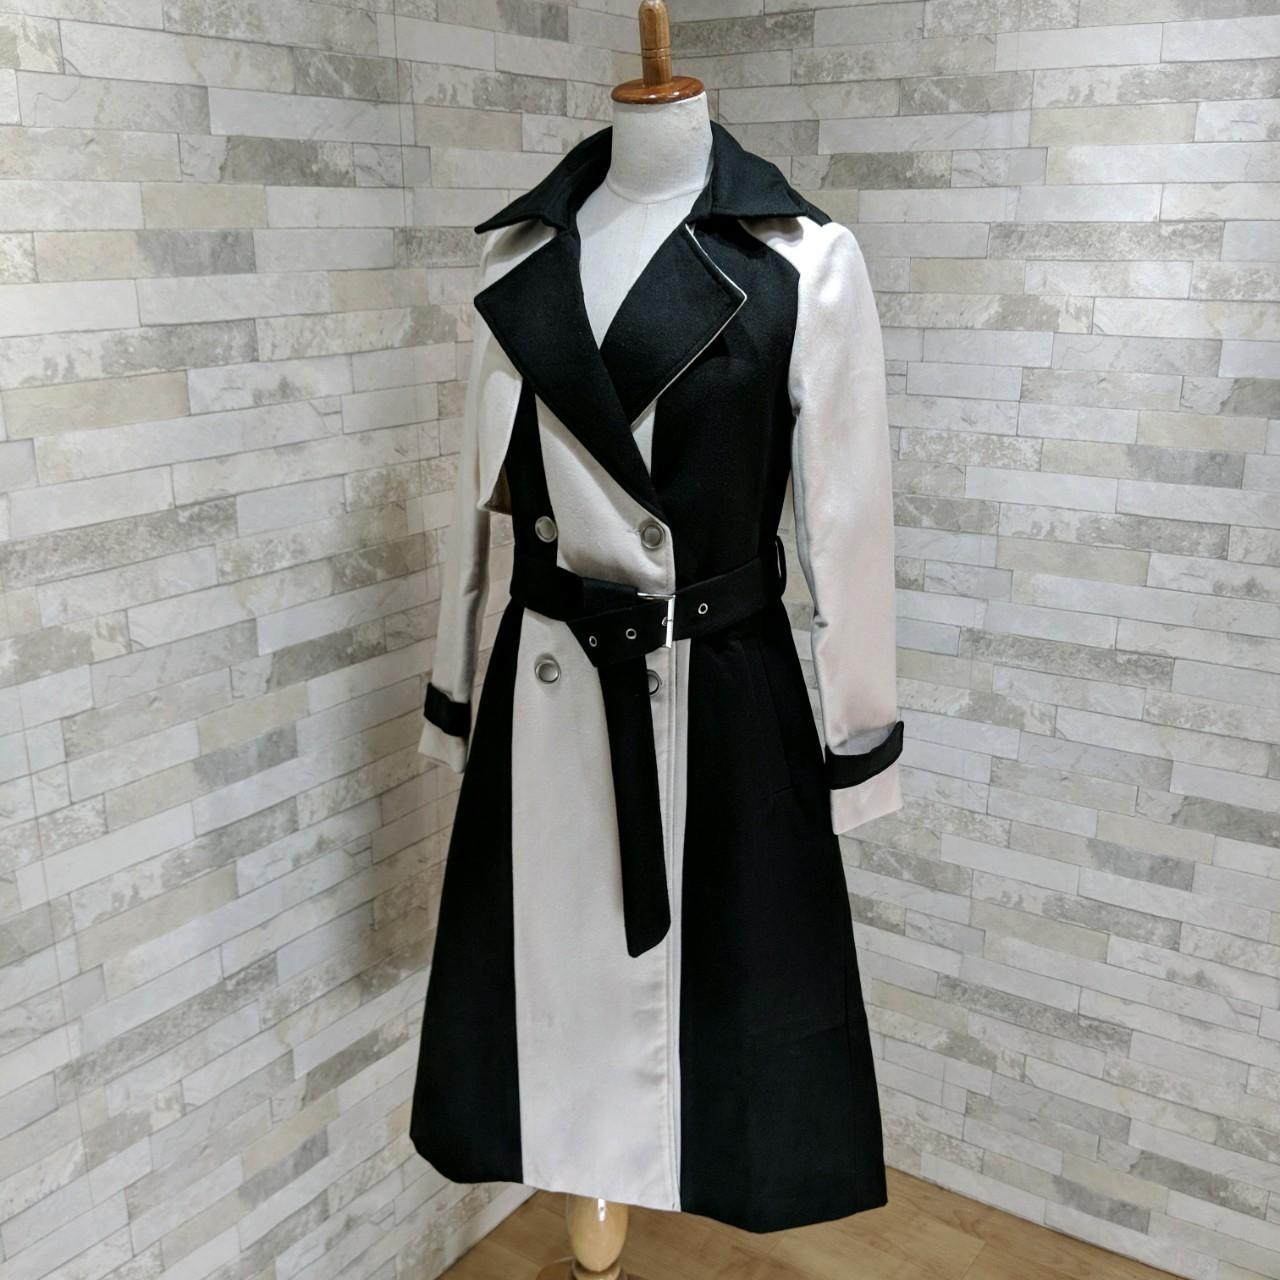 【即納】韓国 ファッション アウター コート 秋 冬 パーティー ブライダル SPTXG918  ミリタリー調 バイカラー アシンメトリー 二次会 セレブ きれいめの写真6枚目